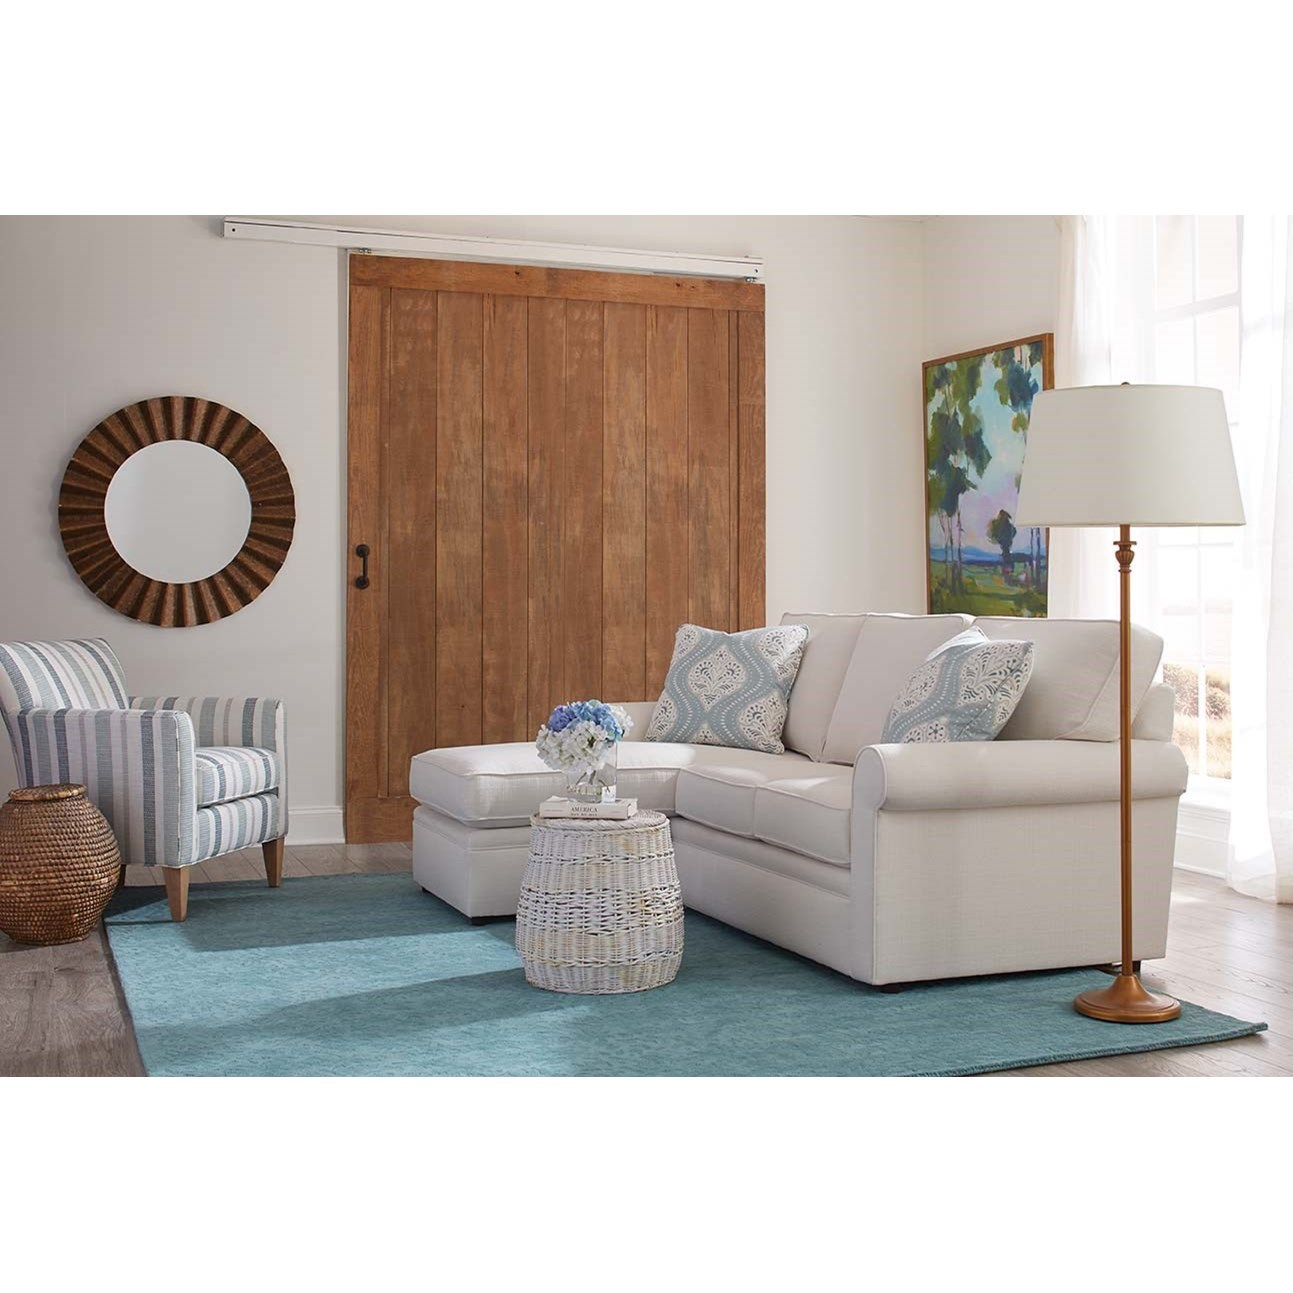 Dalton Sofa Chaise by Rowe at Bullard Furniture